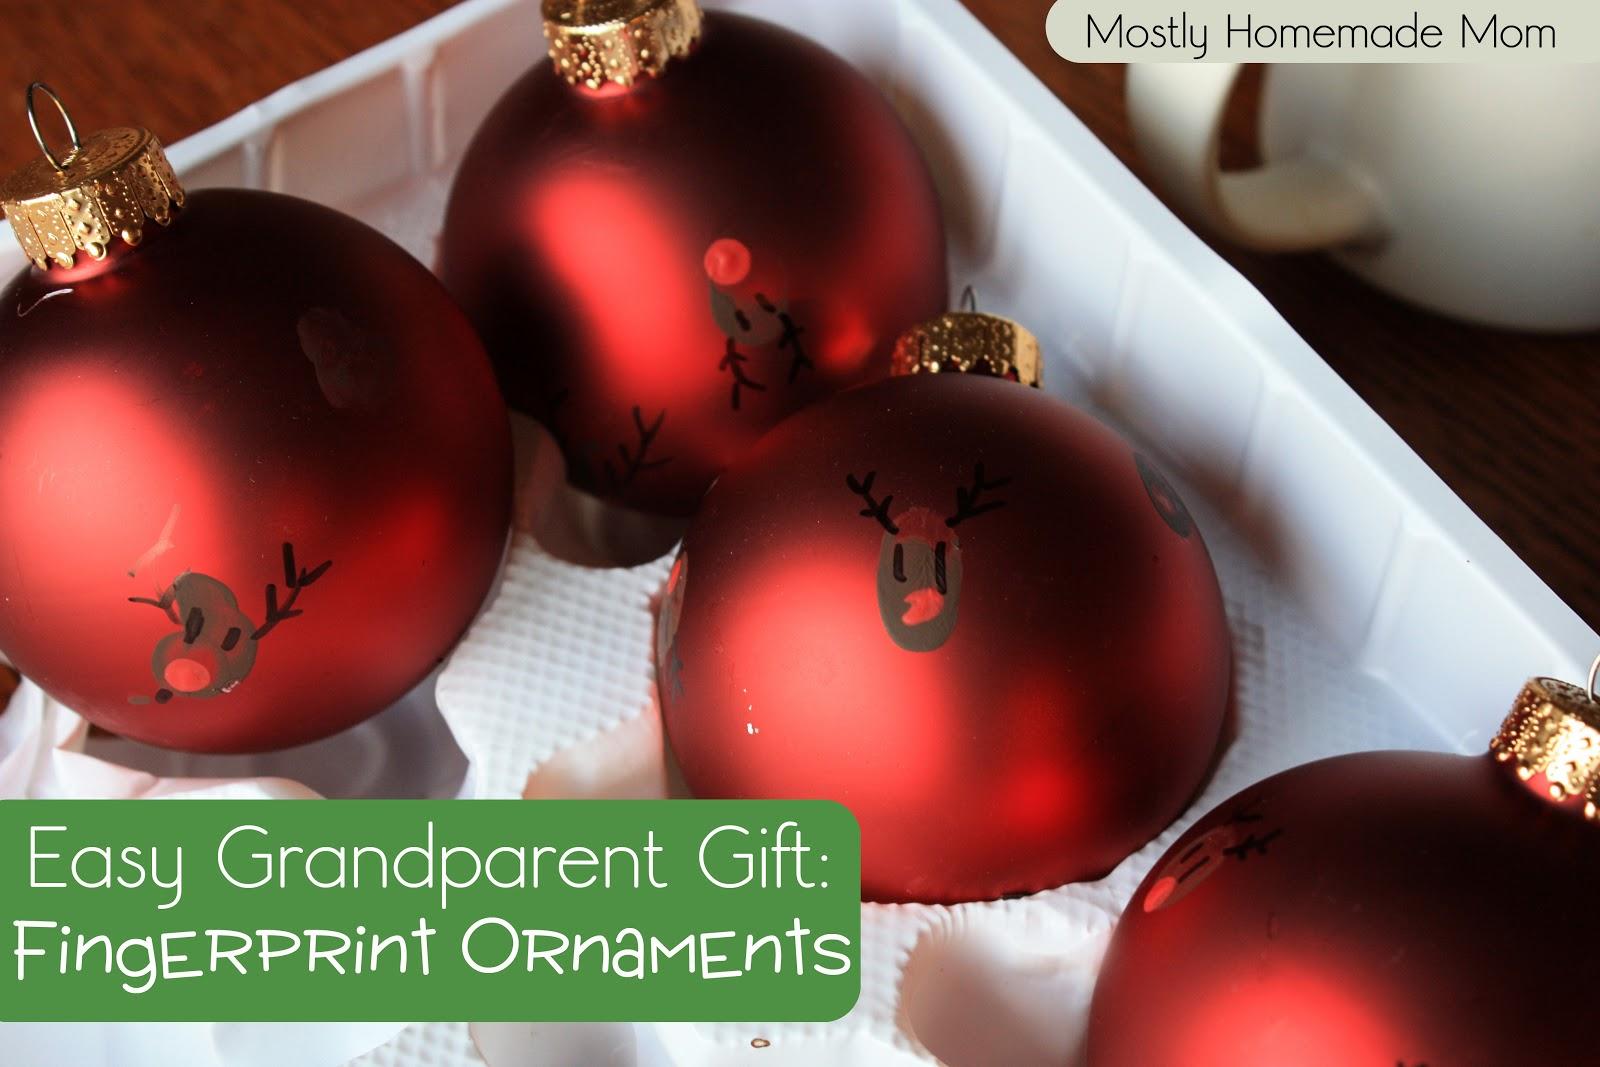 Easy Grandparent Gift: Fingerprint Ornaments - Mostly Homemade Mom